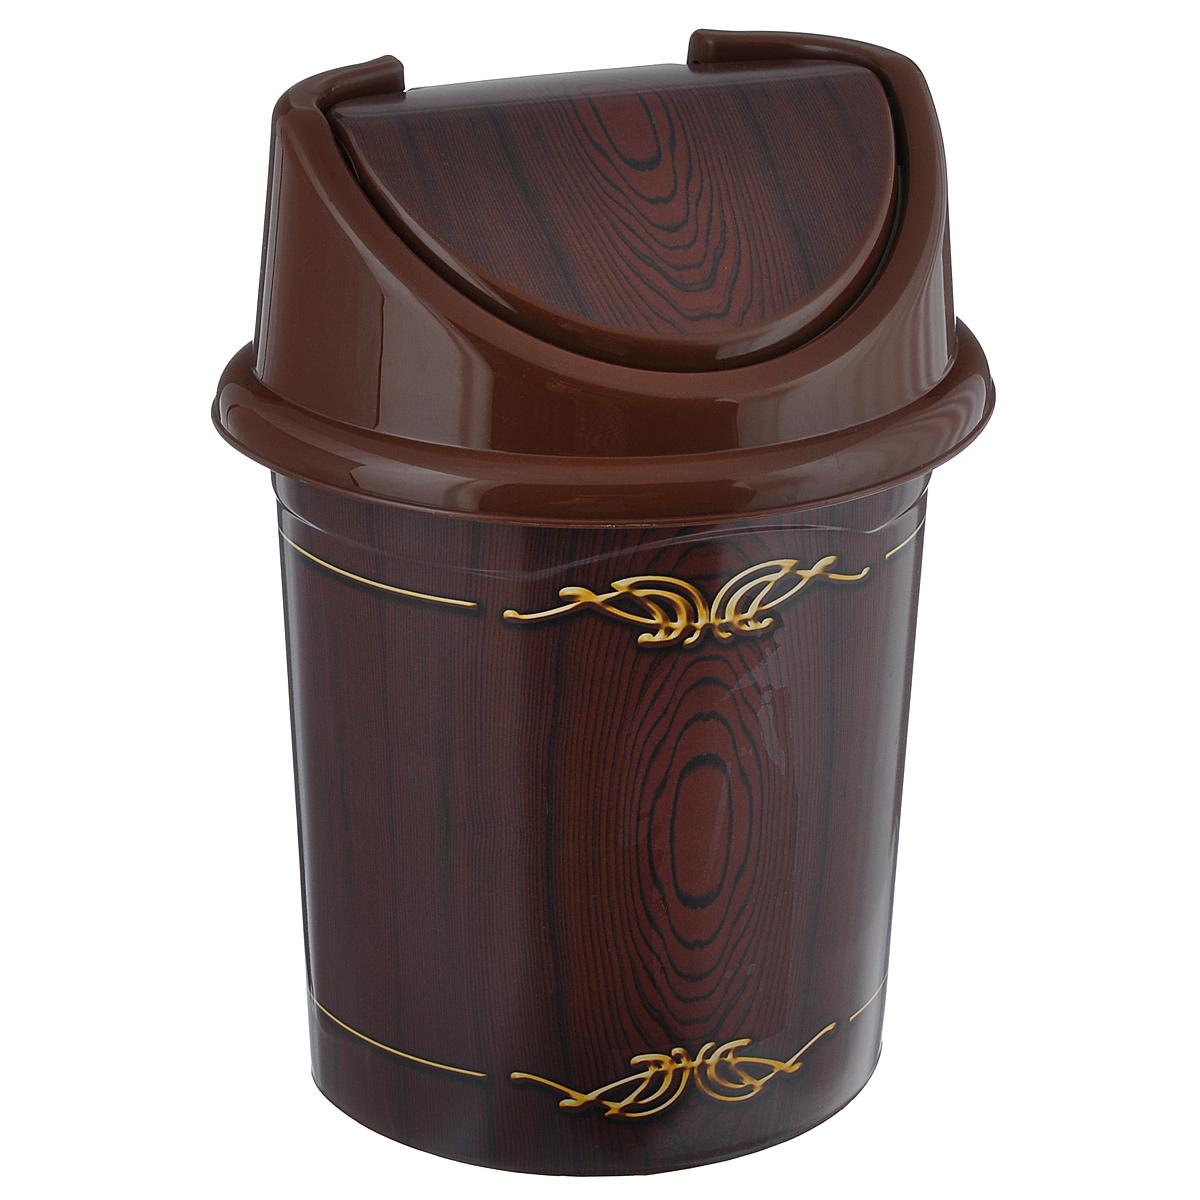 Контейнер для мусора Violet Дерево, цвет: коричневый, желтый, 14 л0414/81Контейнер для мусора Violet Дерево изготовлен из прочного пластика.Такой аксессуар очень удобен в использовании как дома, так и в офисе. Контейнер снабжен удобной съемной крышкой с подвижной перегородкой.Стильный дизайн сделает его прекрасным украшением интерьера. Размер изделия: 29 см х 31,5 см х 45 см.